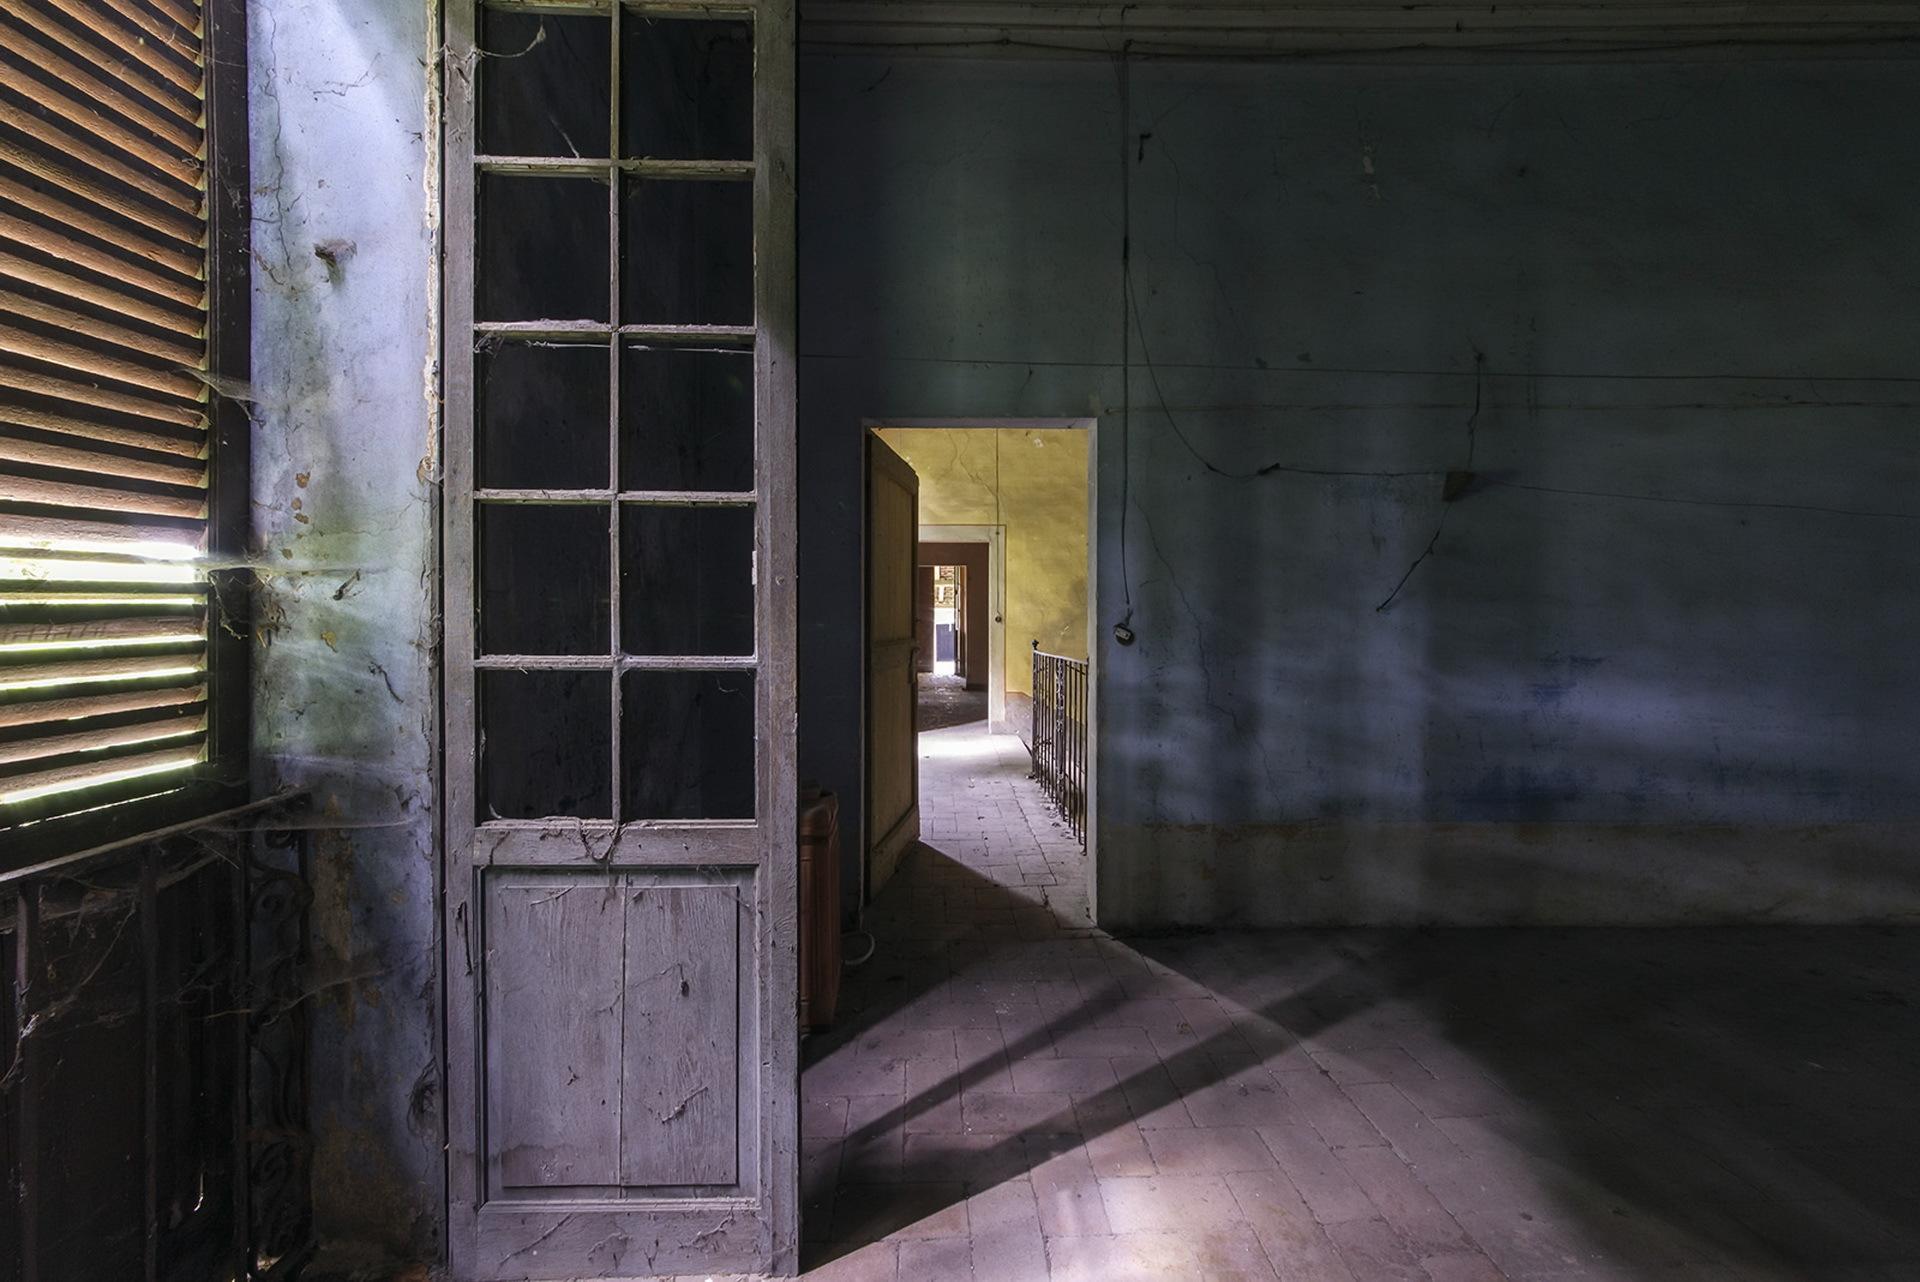 комната с дверями на картинке состоянию шерсти видимо